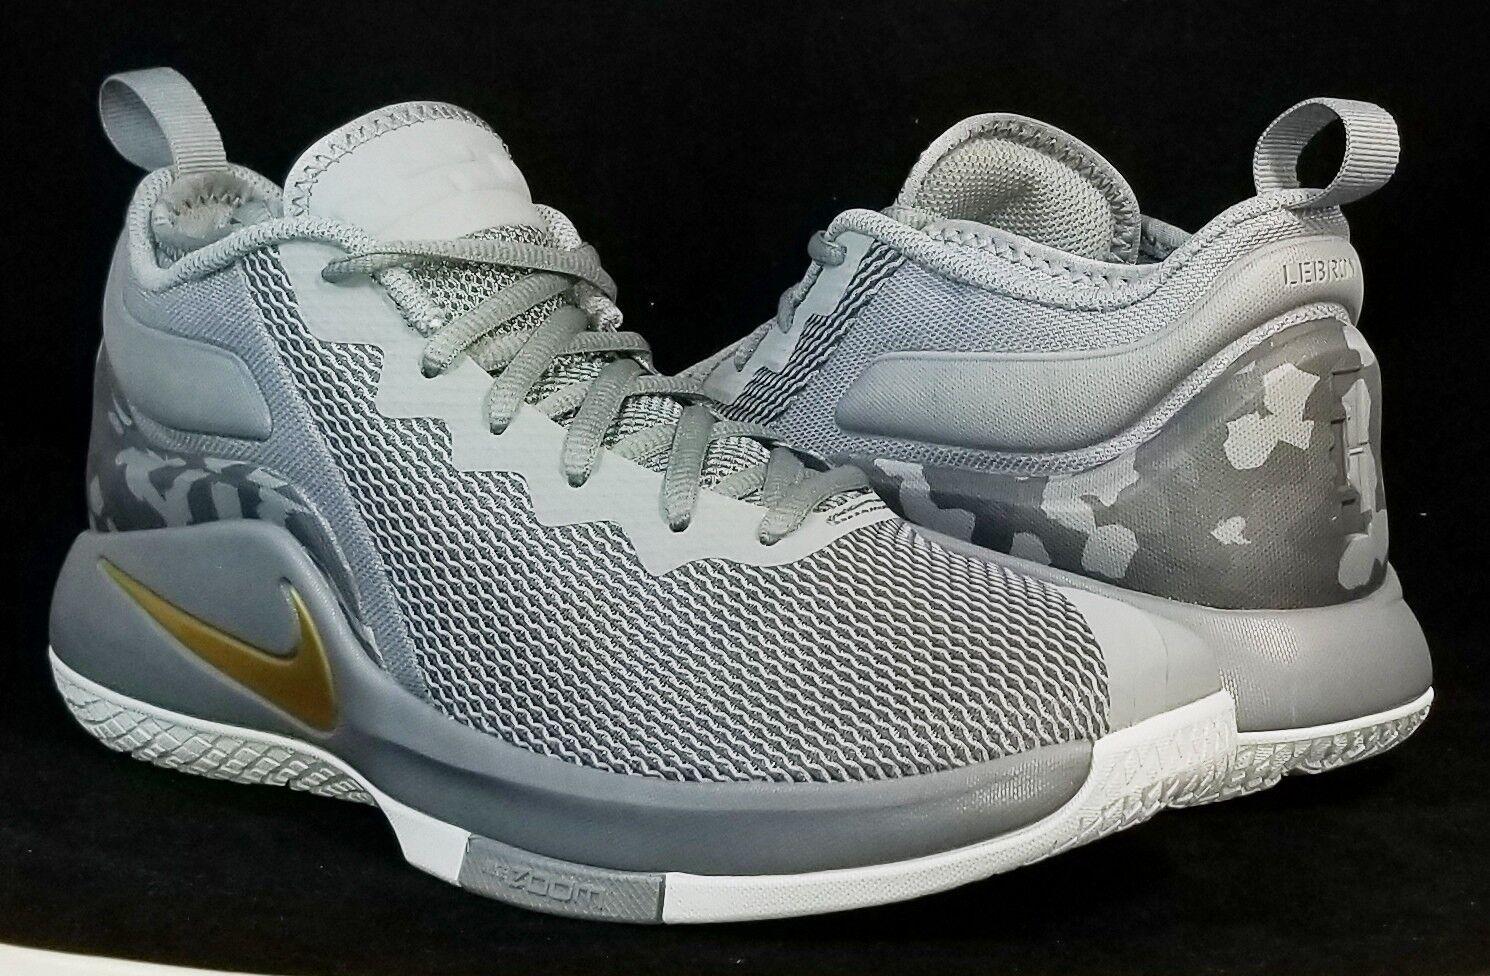 NIB Nike Hombre 10 LeBron testigo II 942518 009 oro oro 009 gris, zapatos de baloncesto de reducción de precios nuevos zapatos para hombres y mujeres, el limitado tiempo de descuento 2b66d2